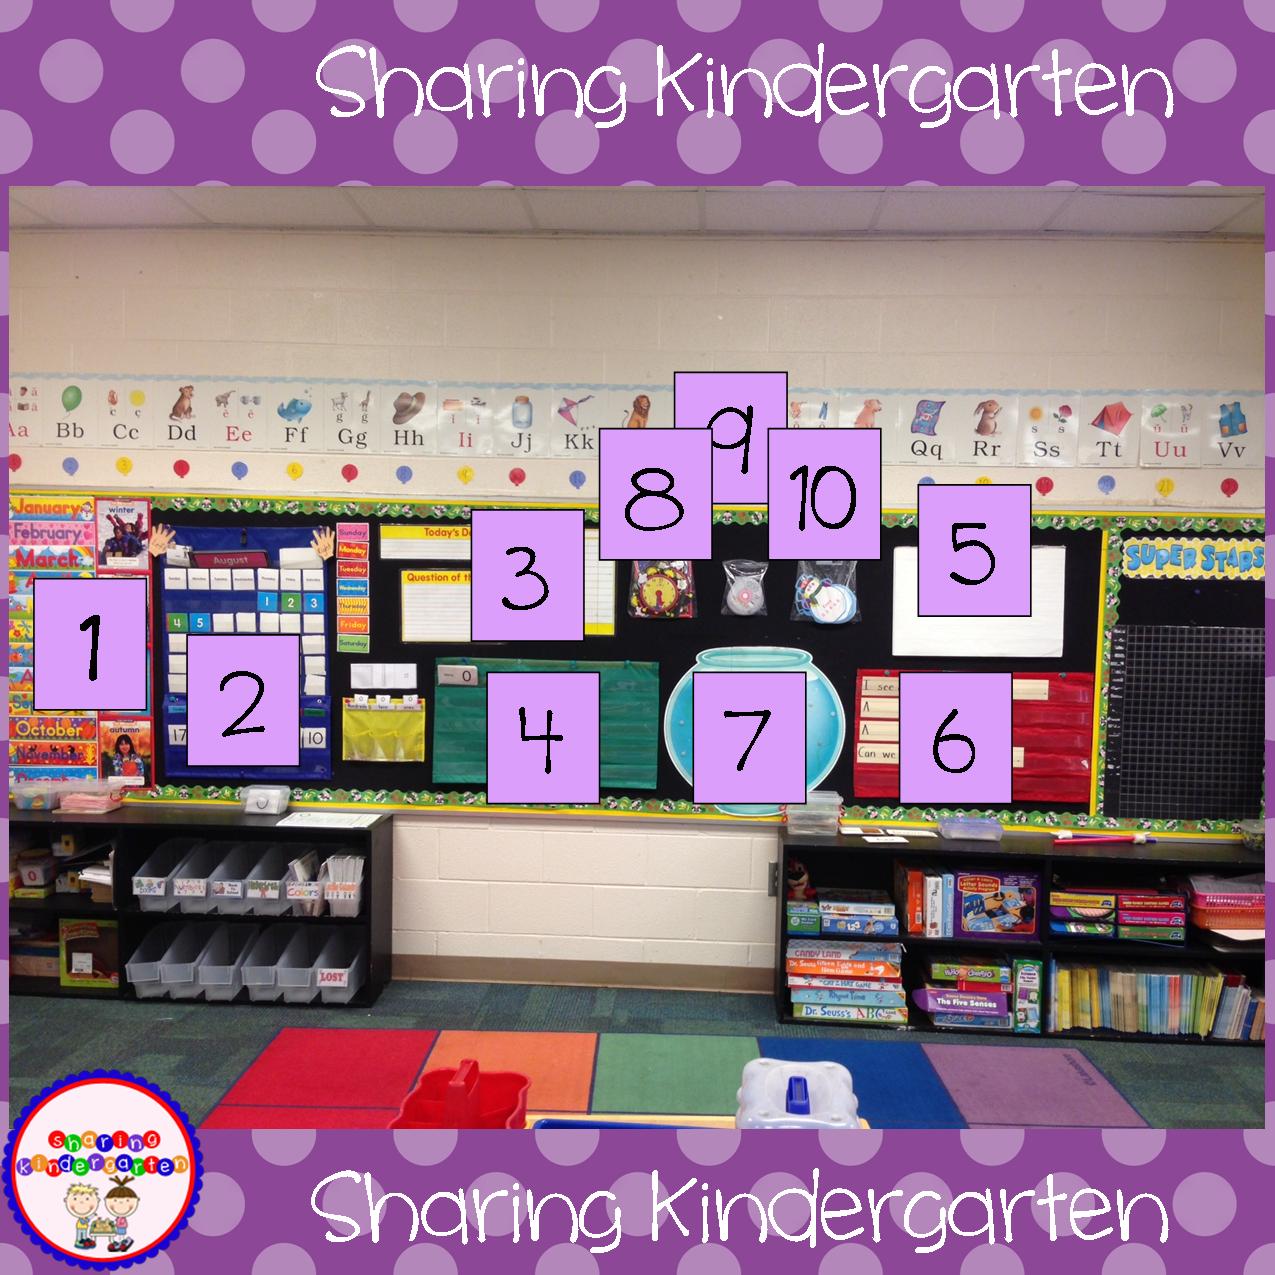 Calendar Time Kindergarten Ideas : Sharing kindergarten calendar time summer linky party